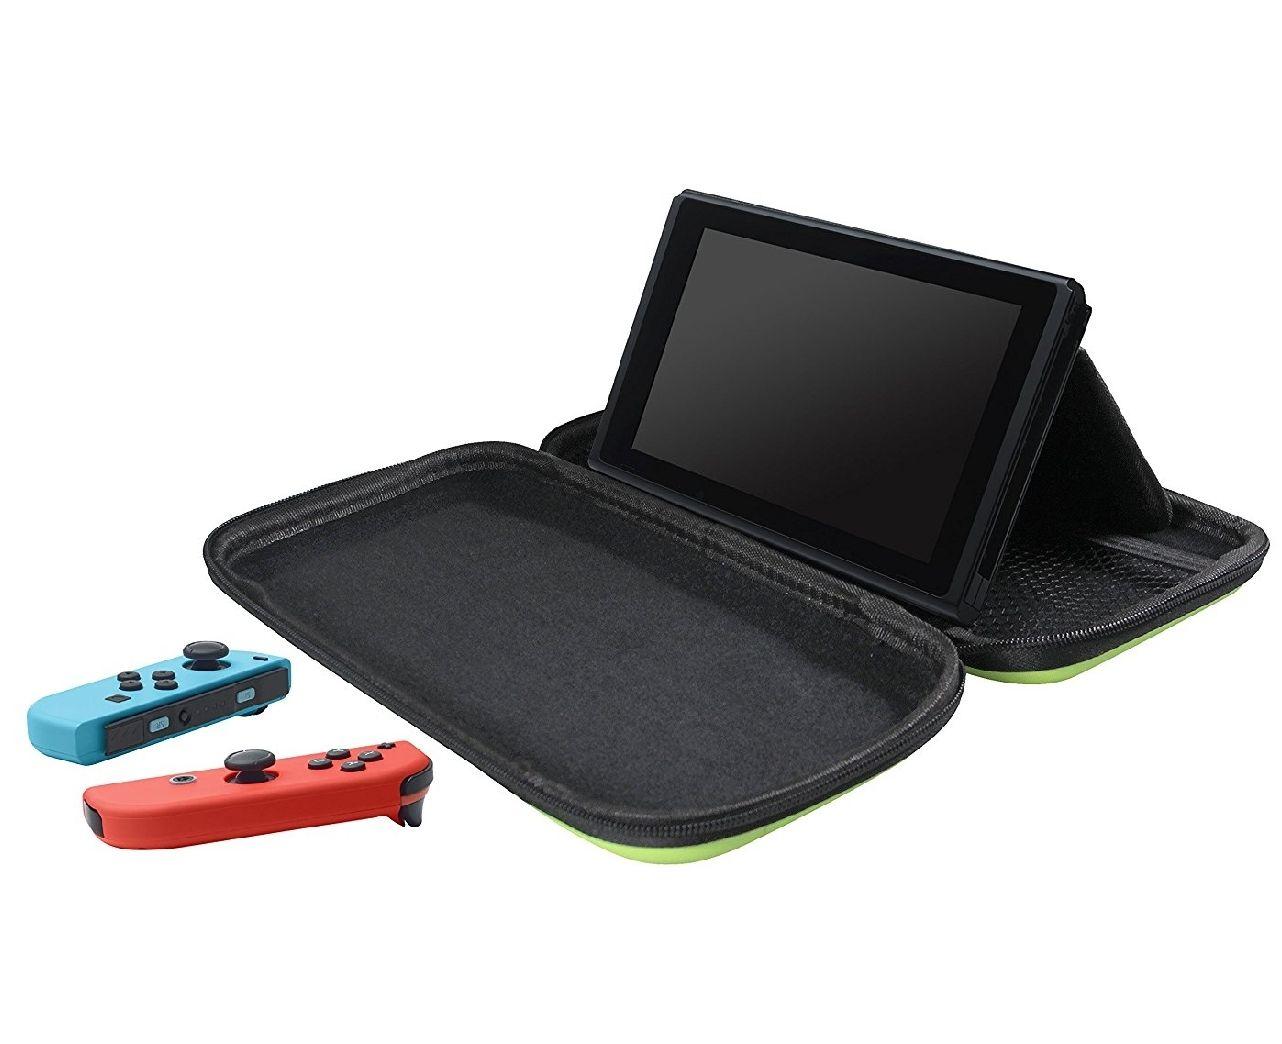 AMAZON: Amazon Basics Hard case Nintendo Switch